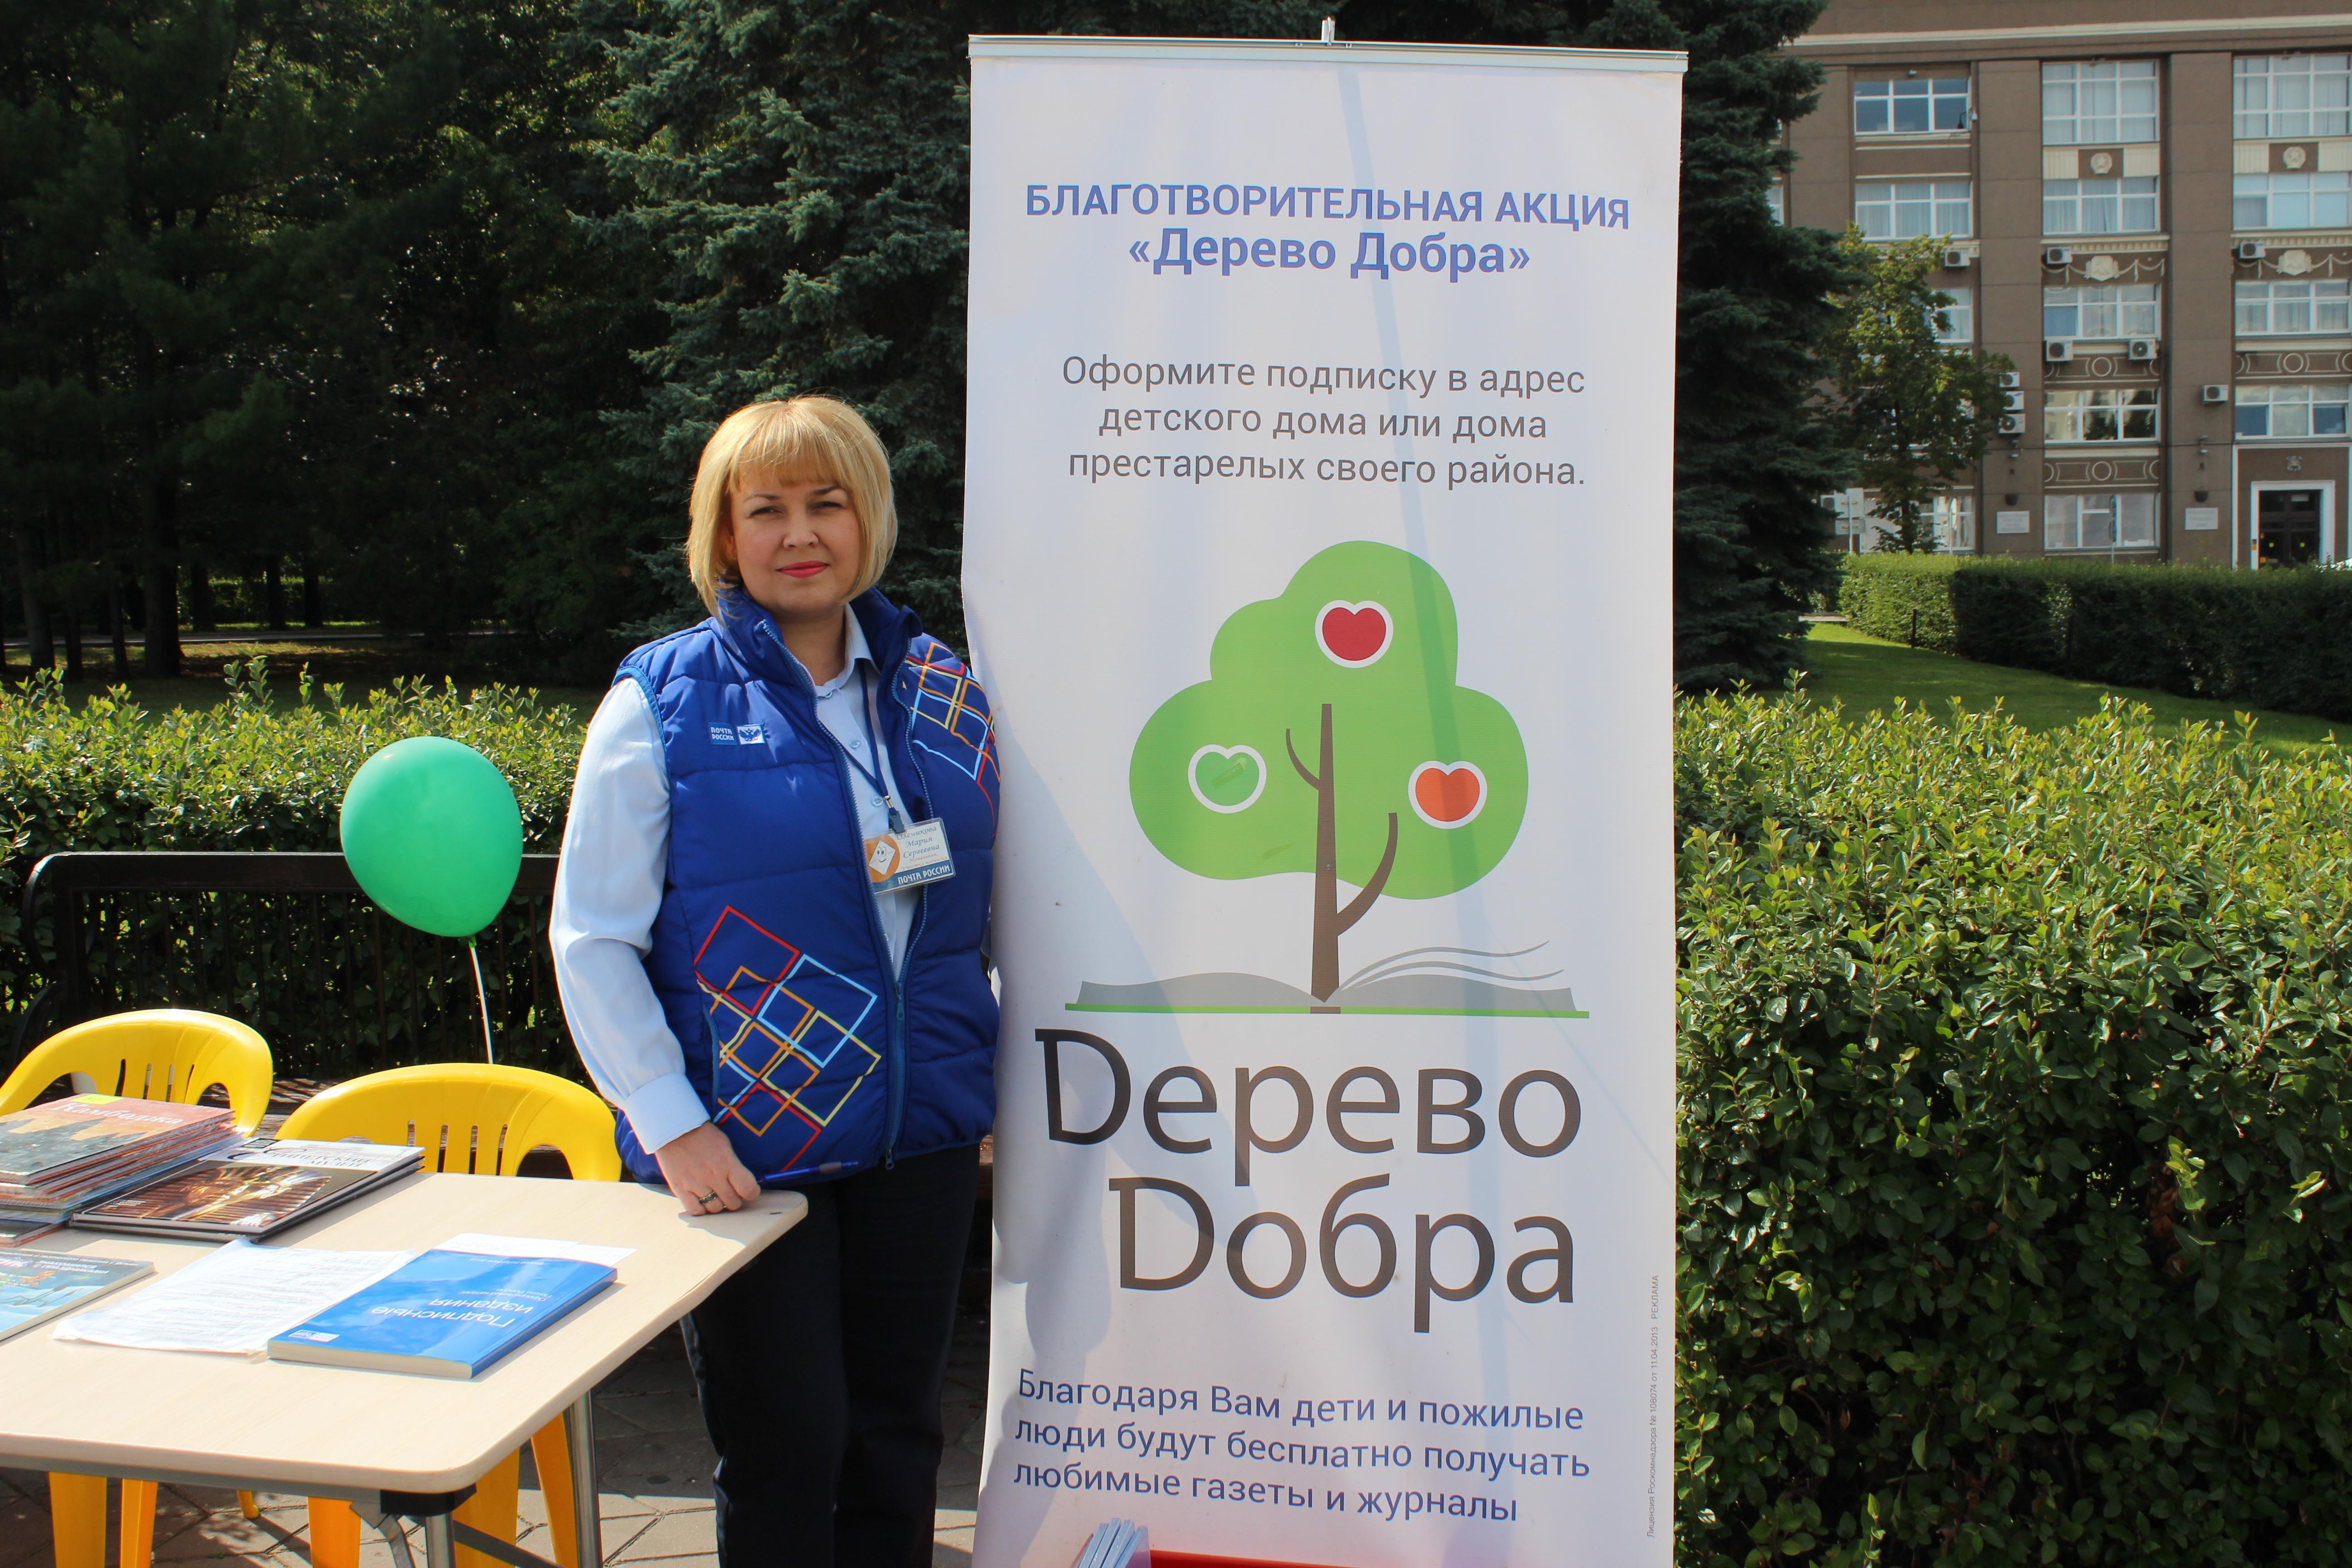 Южноуральцам доступна подписка на издания выходящие на территории Республики Башкортостан